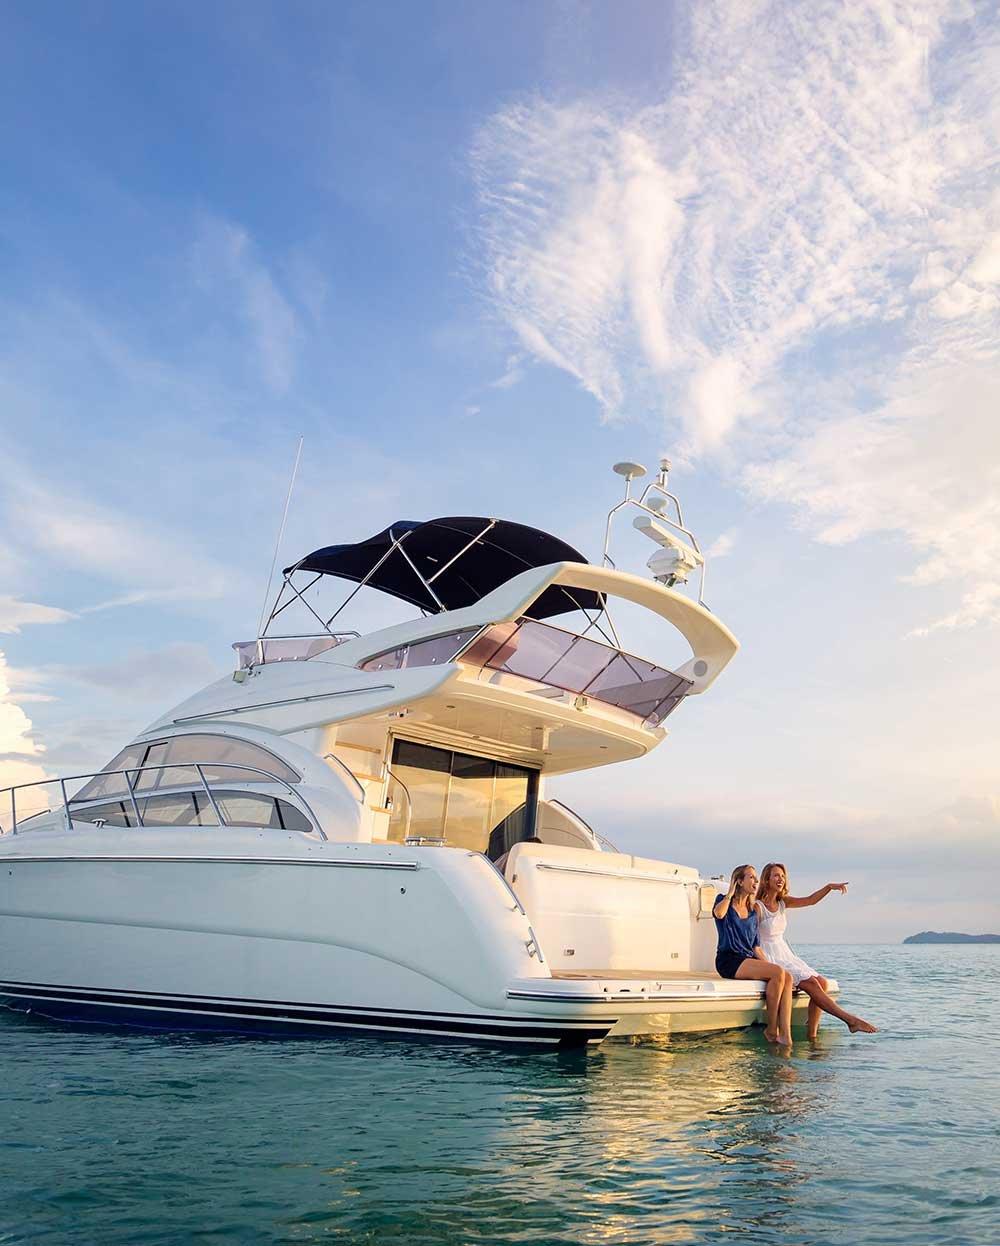 PrimeWay Boat & Watercraft Loan Features